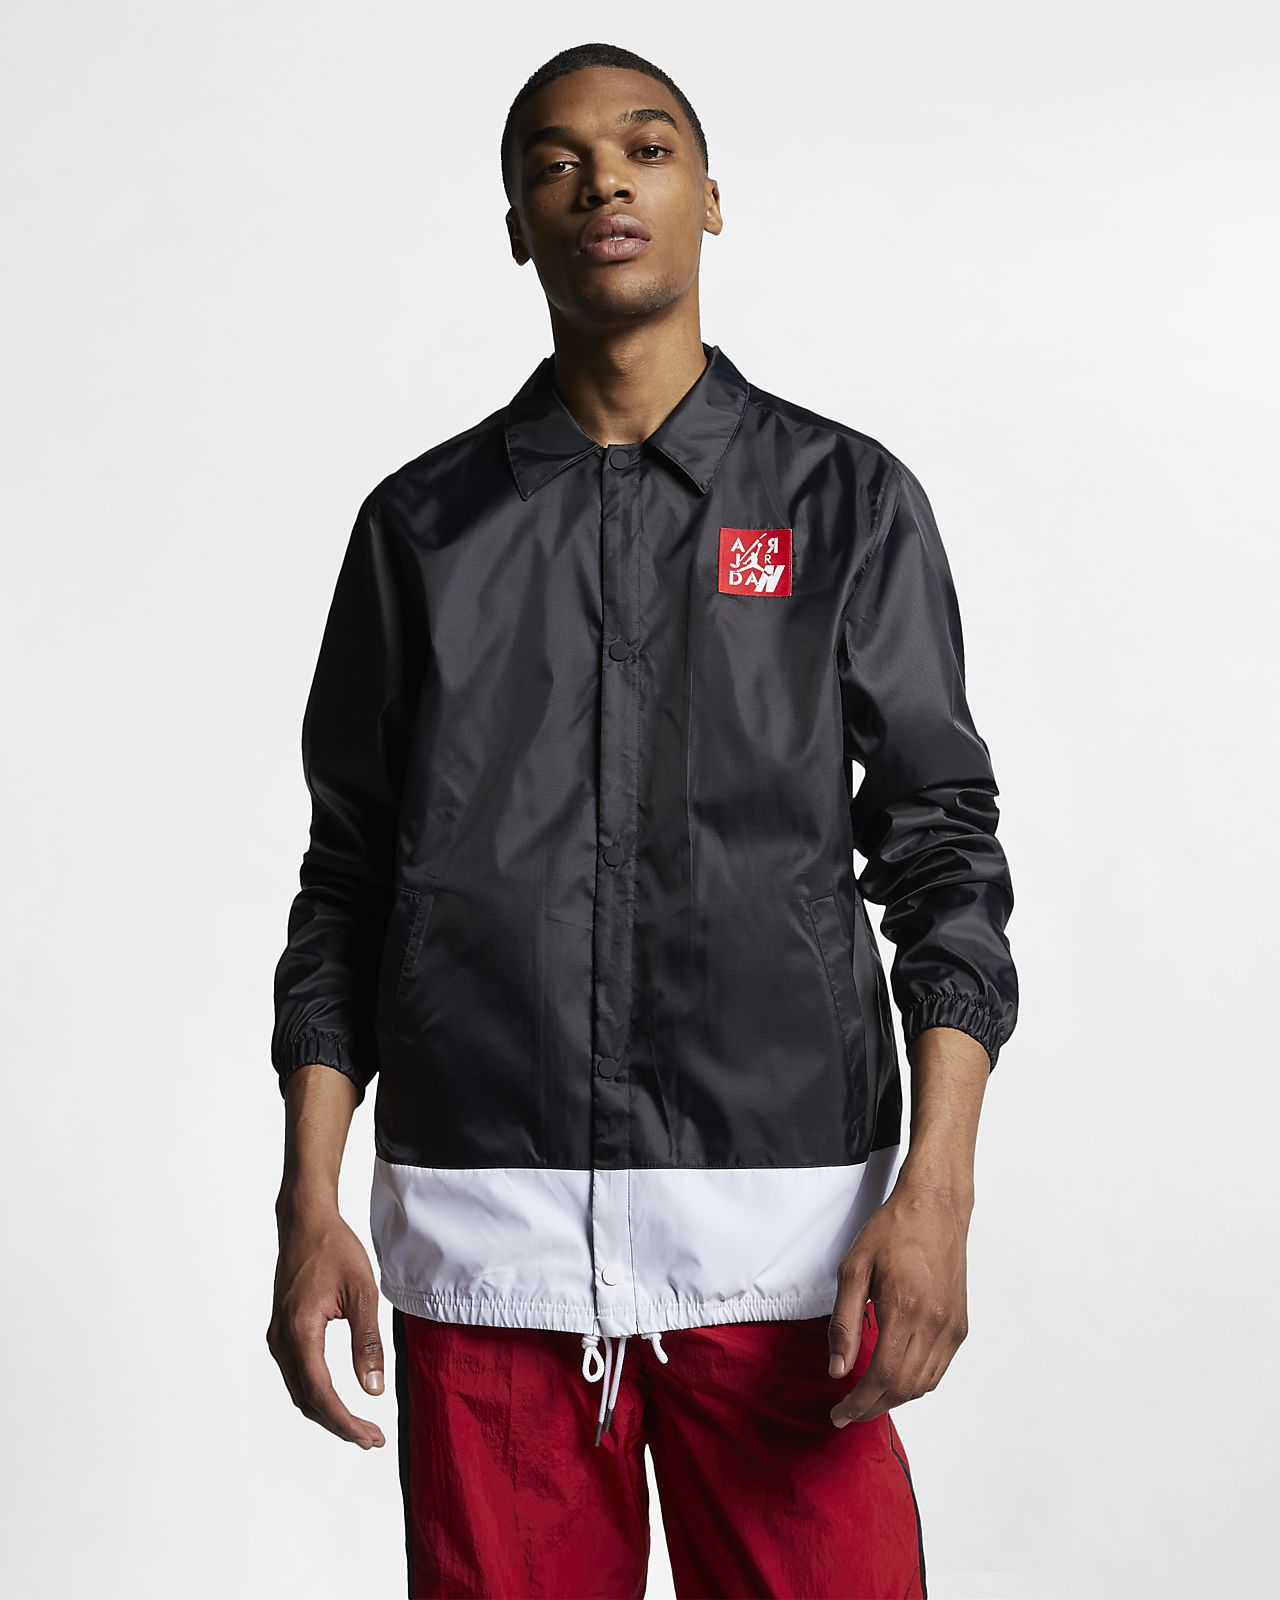 b9c81e49692 Jordan Legacy AJ4 Men's Coaches' Jacket. Nike.com AE